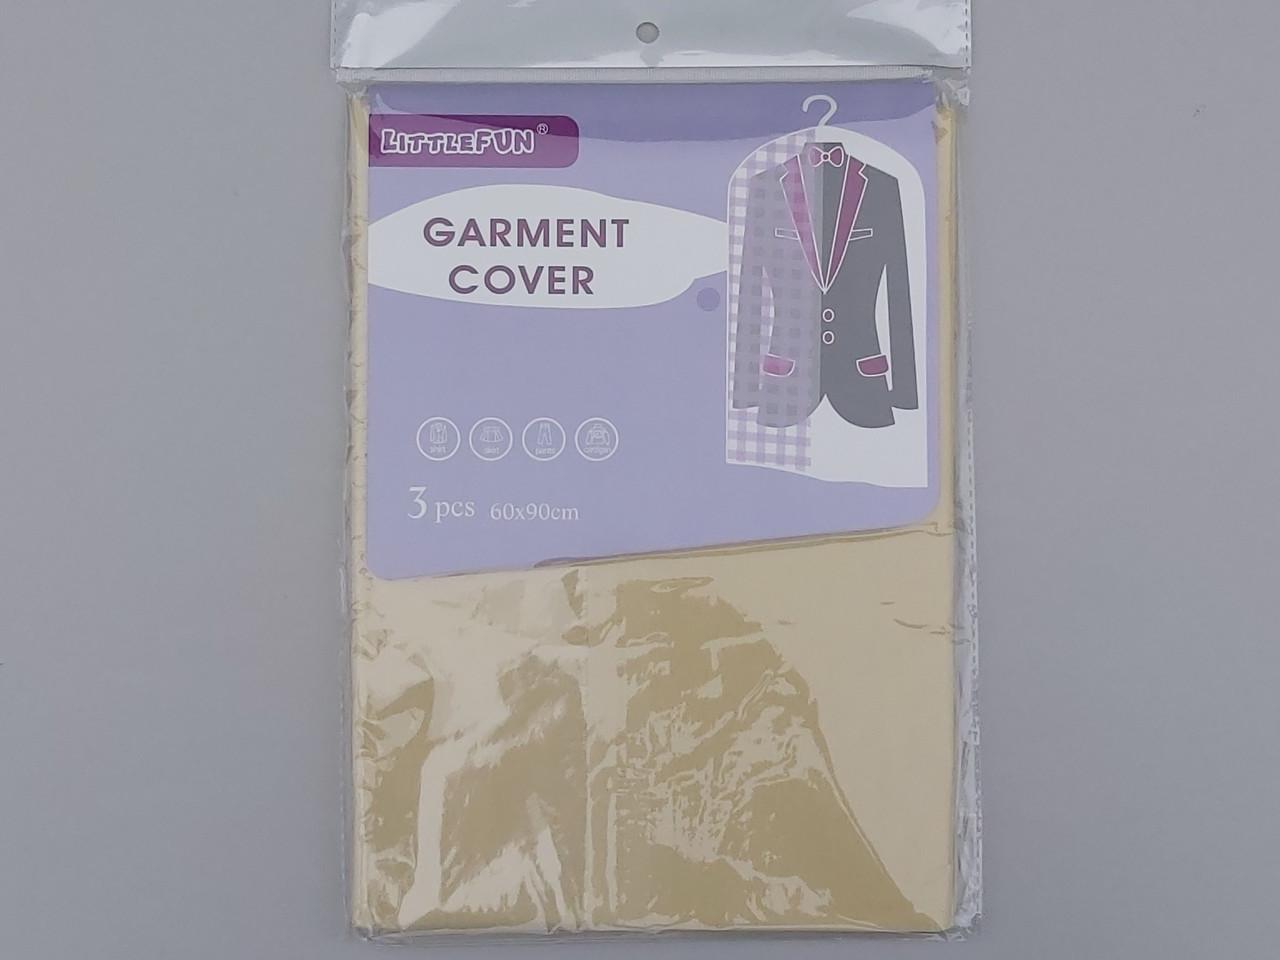 Набор чехлов для хранения одежды флизелиновый. В упаковке 3 штуки, размер 60*90 см, цвет желтый